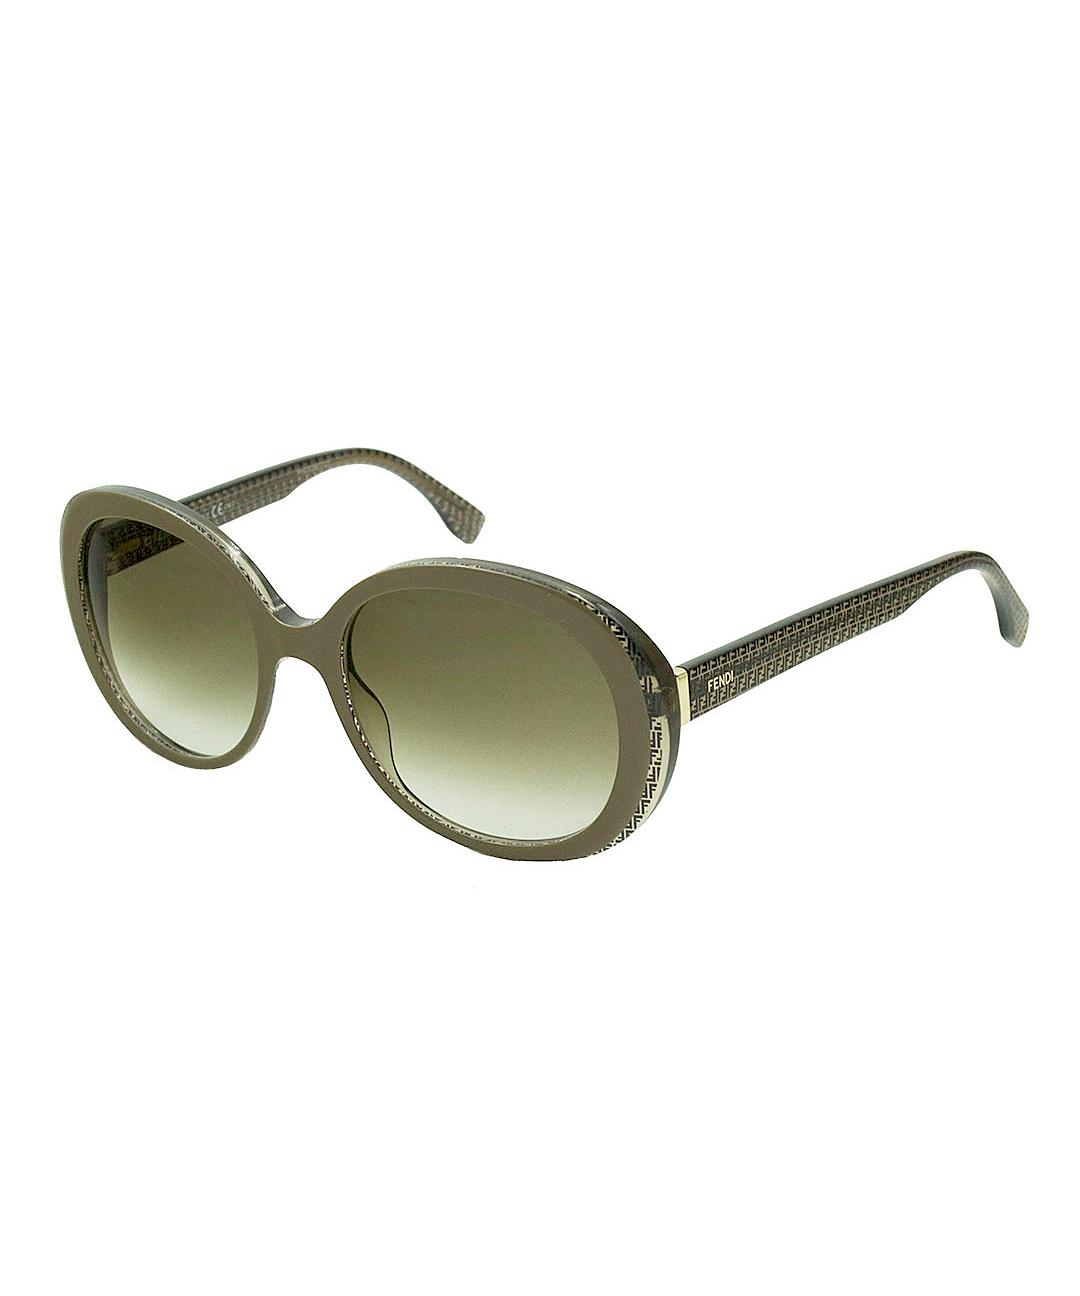 35500f47f8 Fendi Modified Round Plastic Sunglasses In Brown